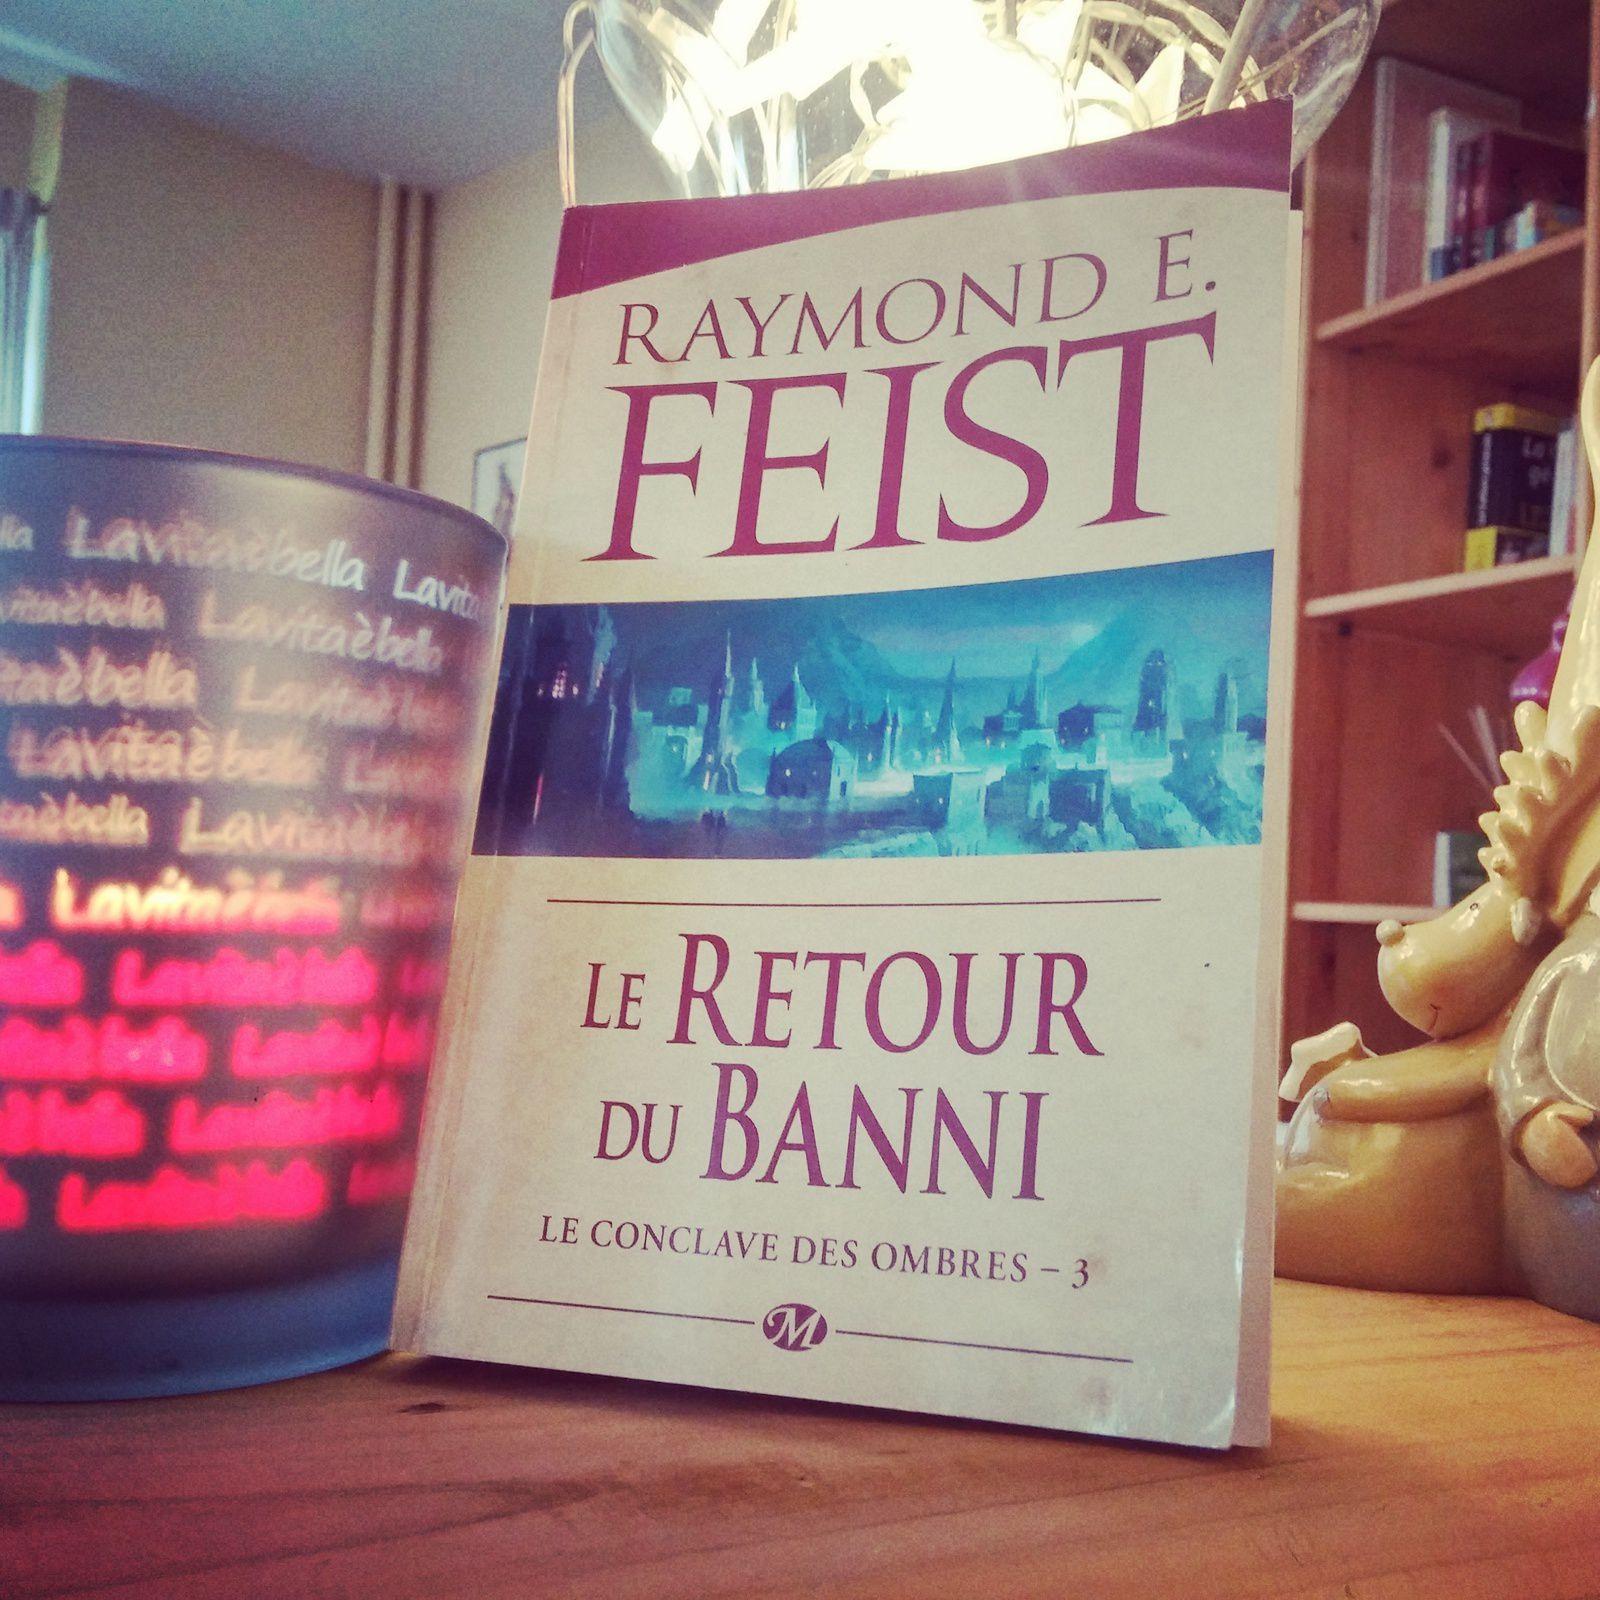 [Chronique fantasy] Le conclave des ombres. Tome 3, Le retour du banni, de Raymond E. Feist